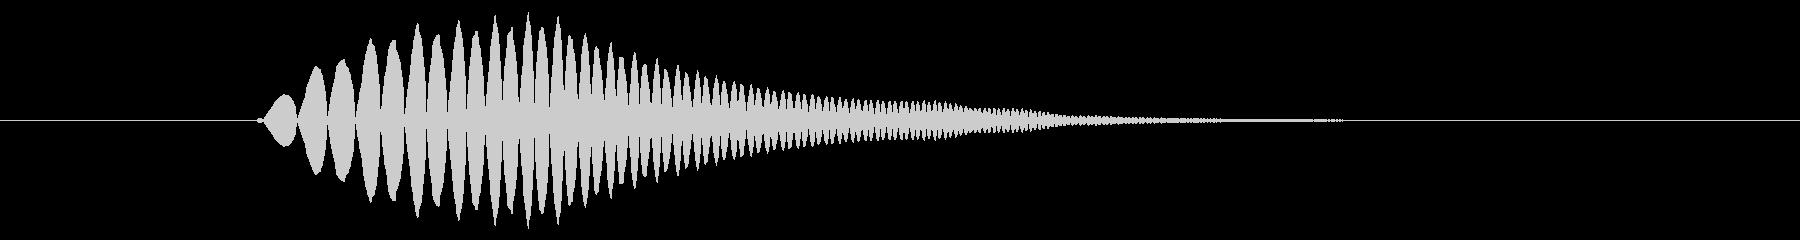 モワン(吹き出し・想像・テロップなど)の未再生の波形